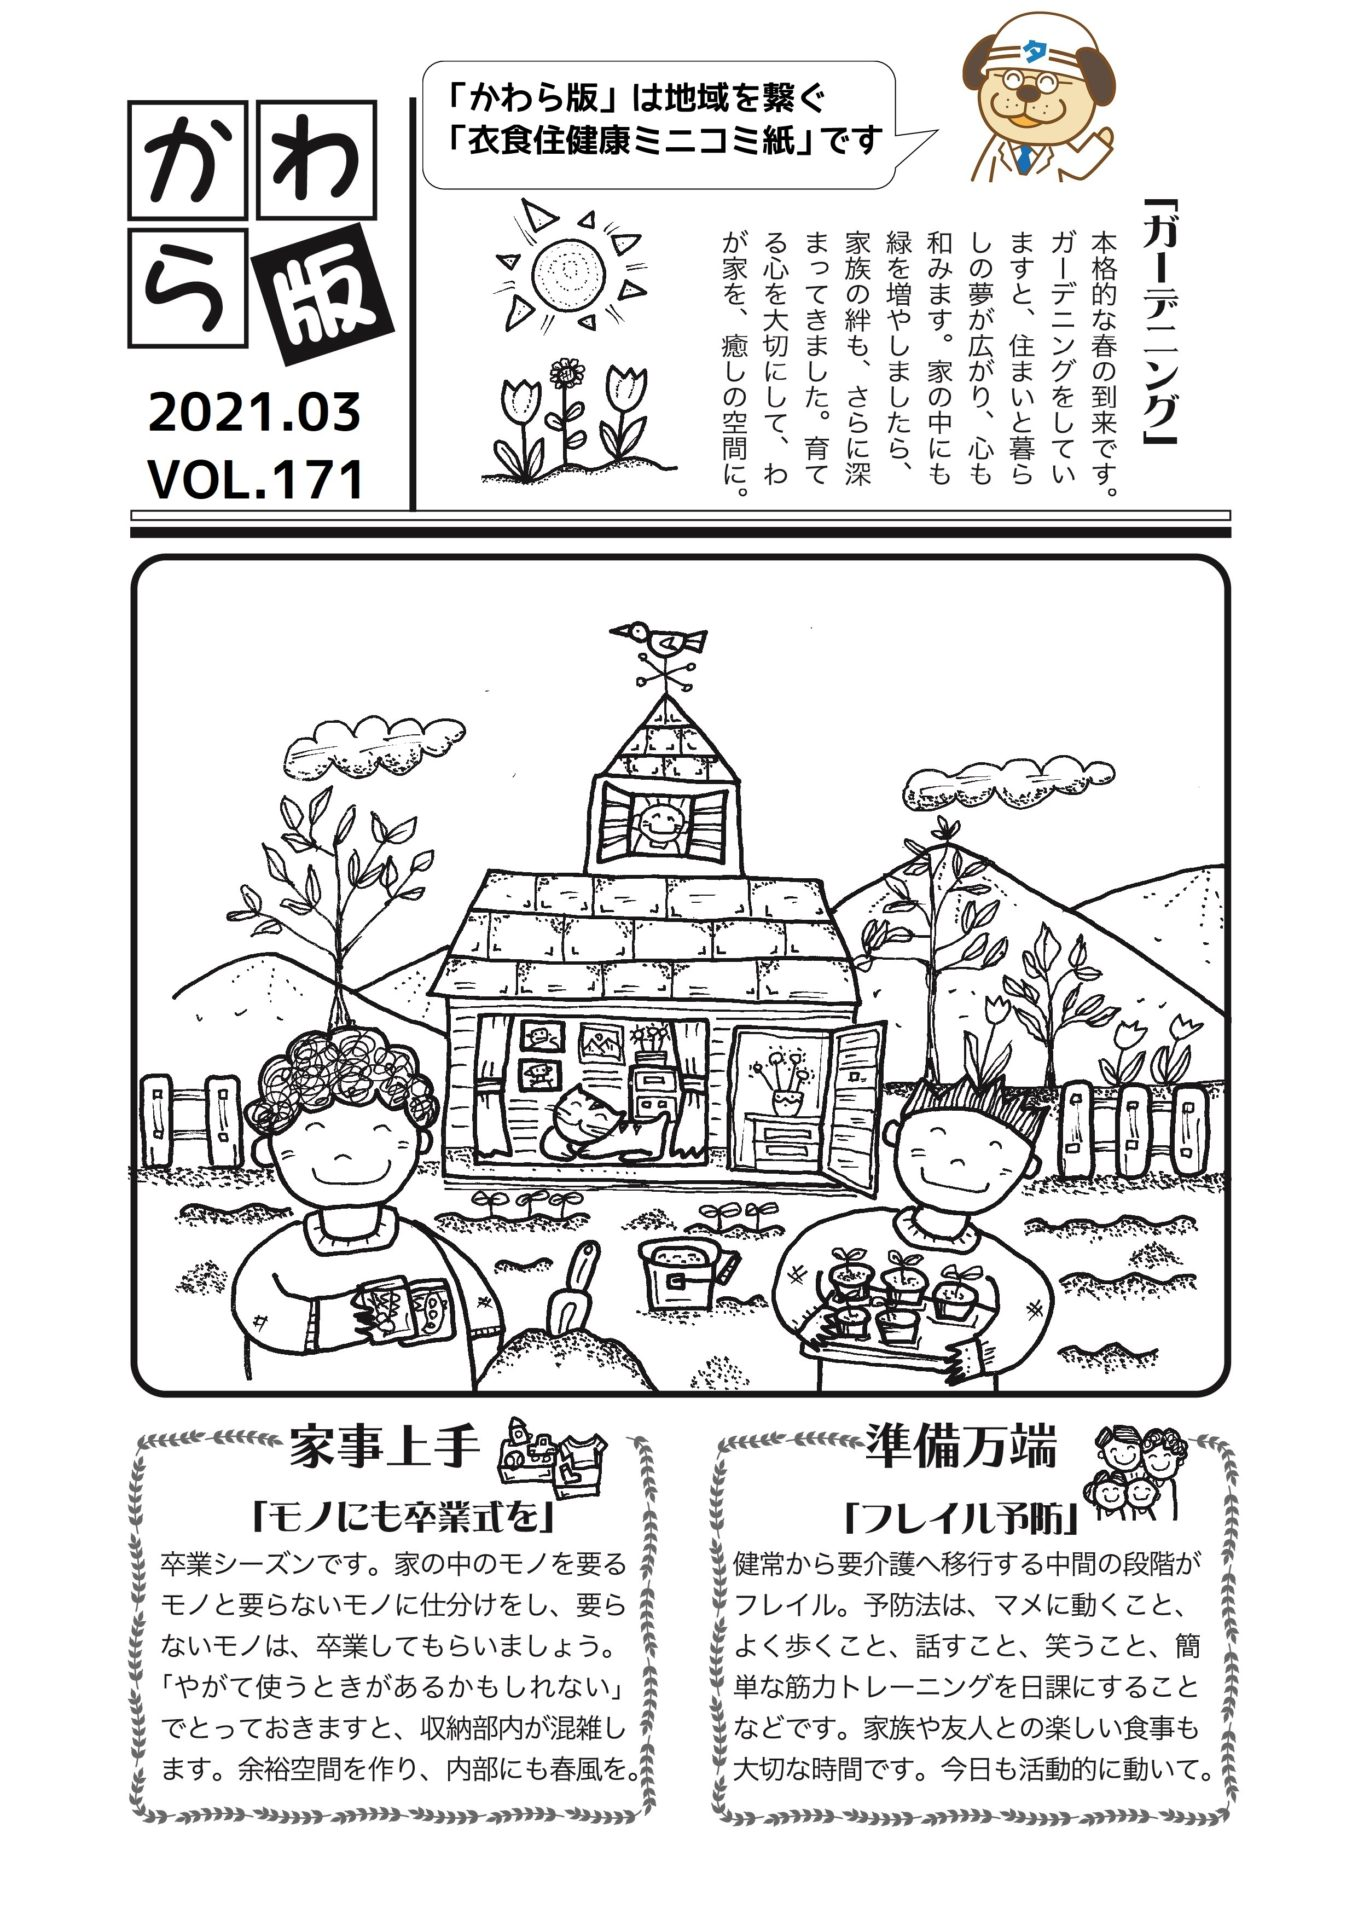 かわら版 vol.171 ガーデニング